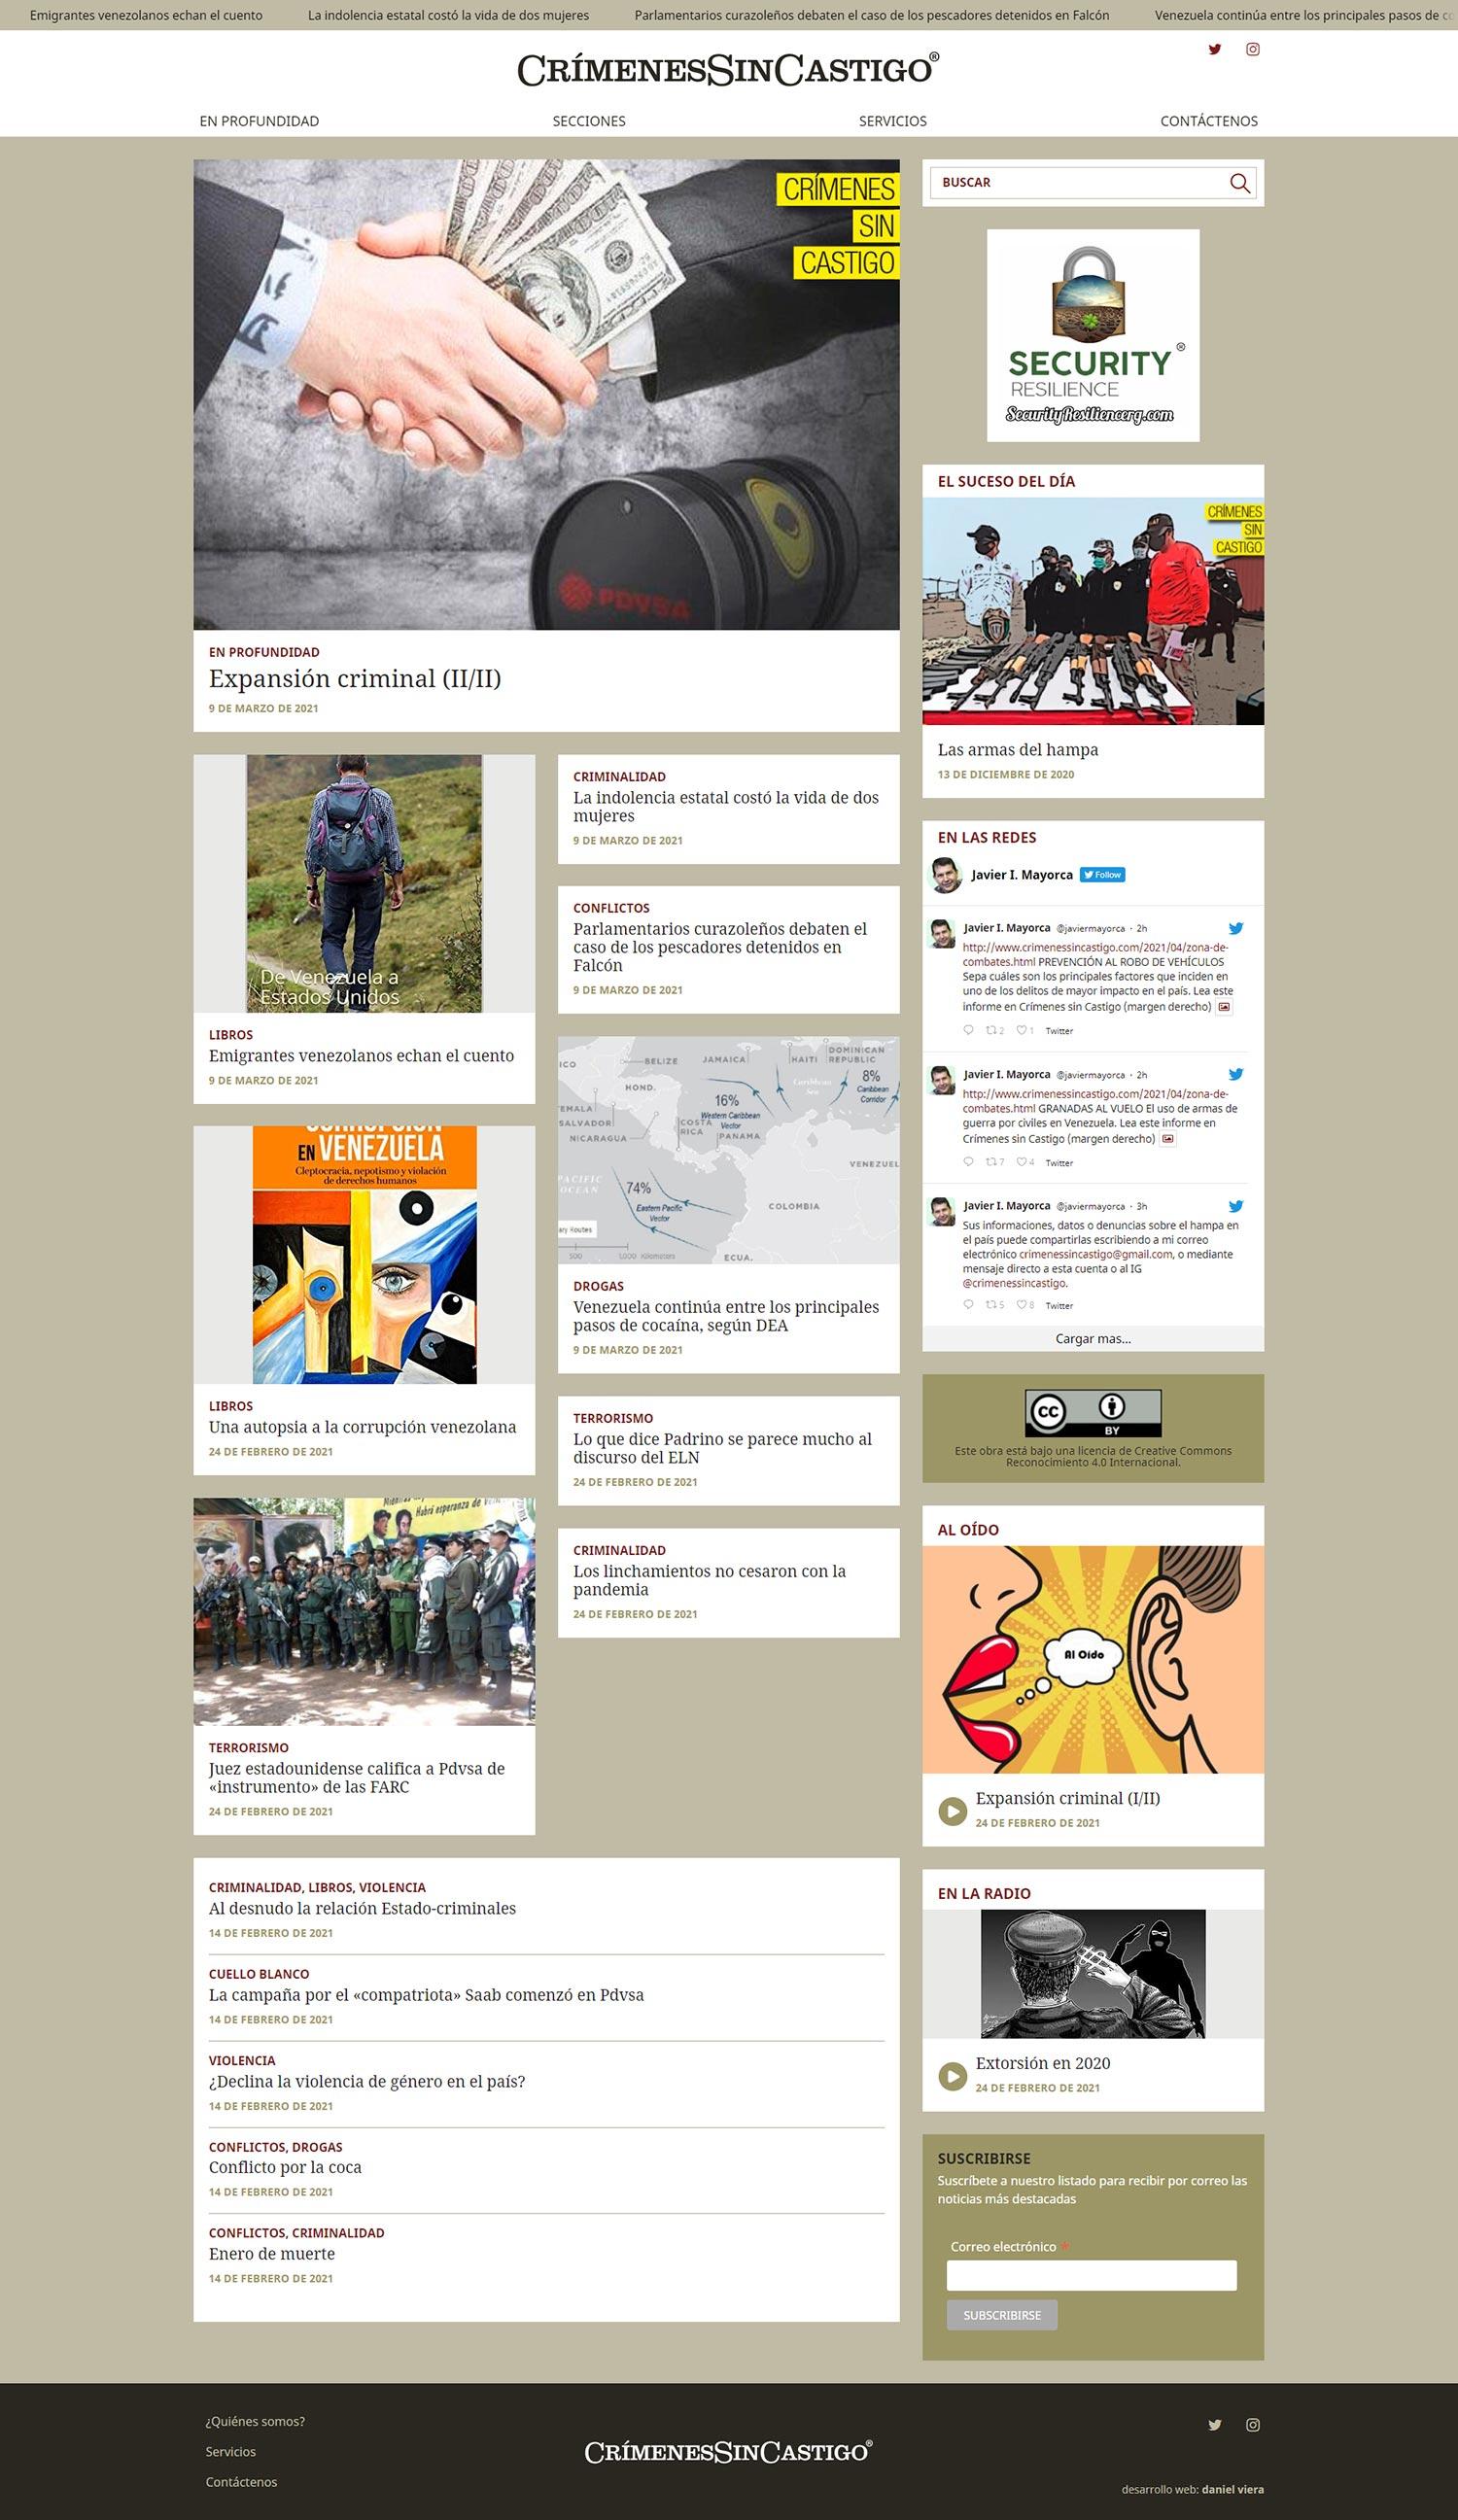 Crímenes sin castigo | Sitio de noticias especializadas en sucesos del periodista Javier Mayorca. Desarrollada para WordPress, con paginación y publicidad, bootstrap y sass